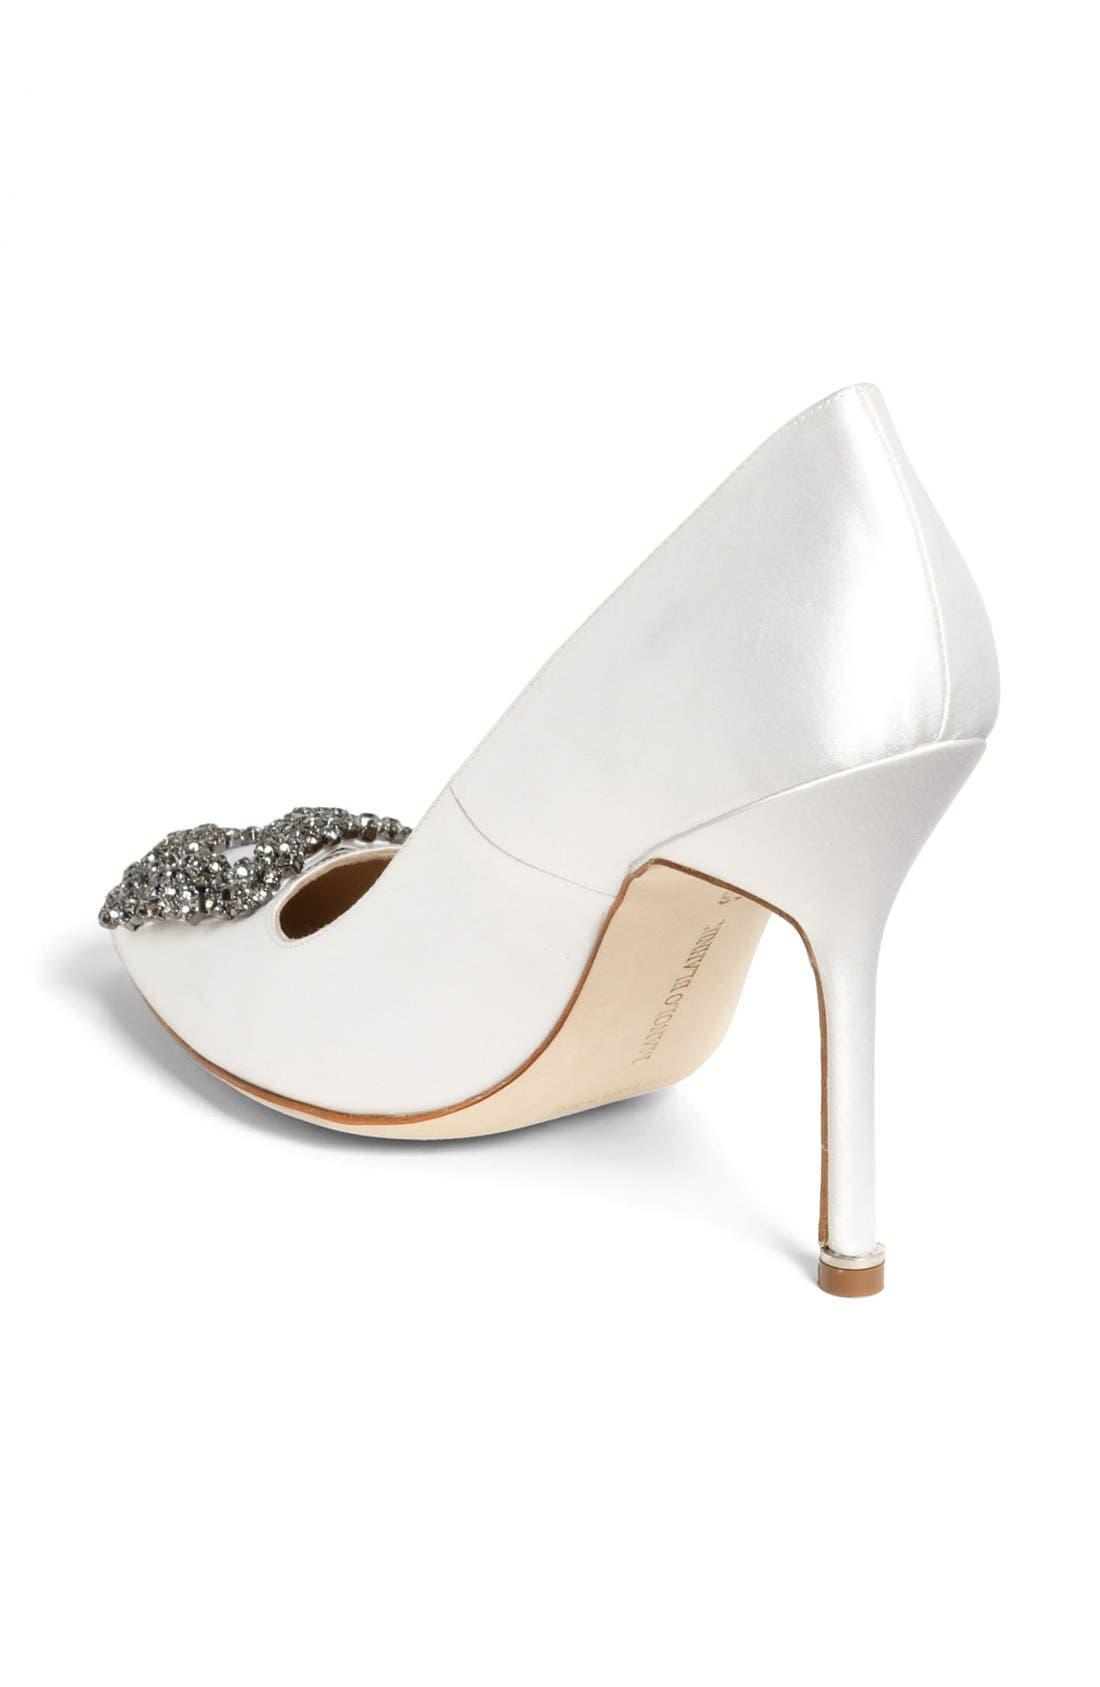 105acdf19dfe Women s Heels